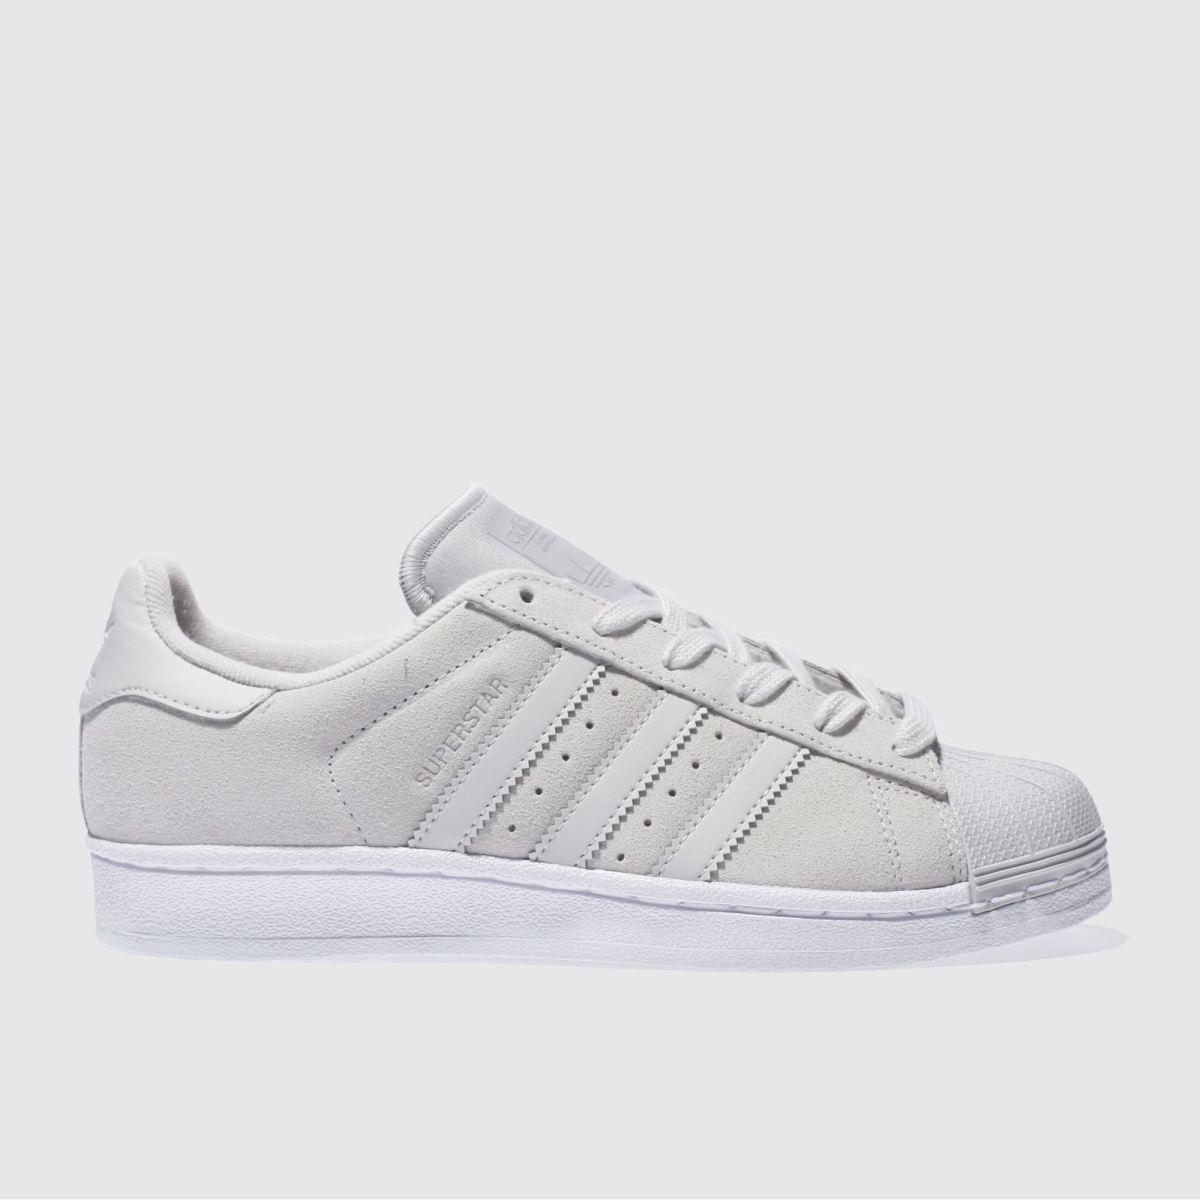 adidas light grey superstar trainers